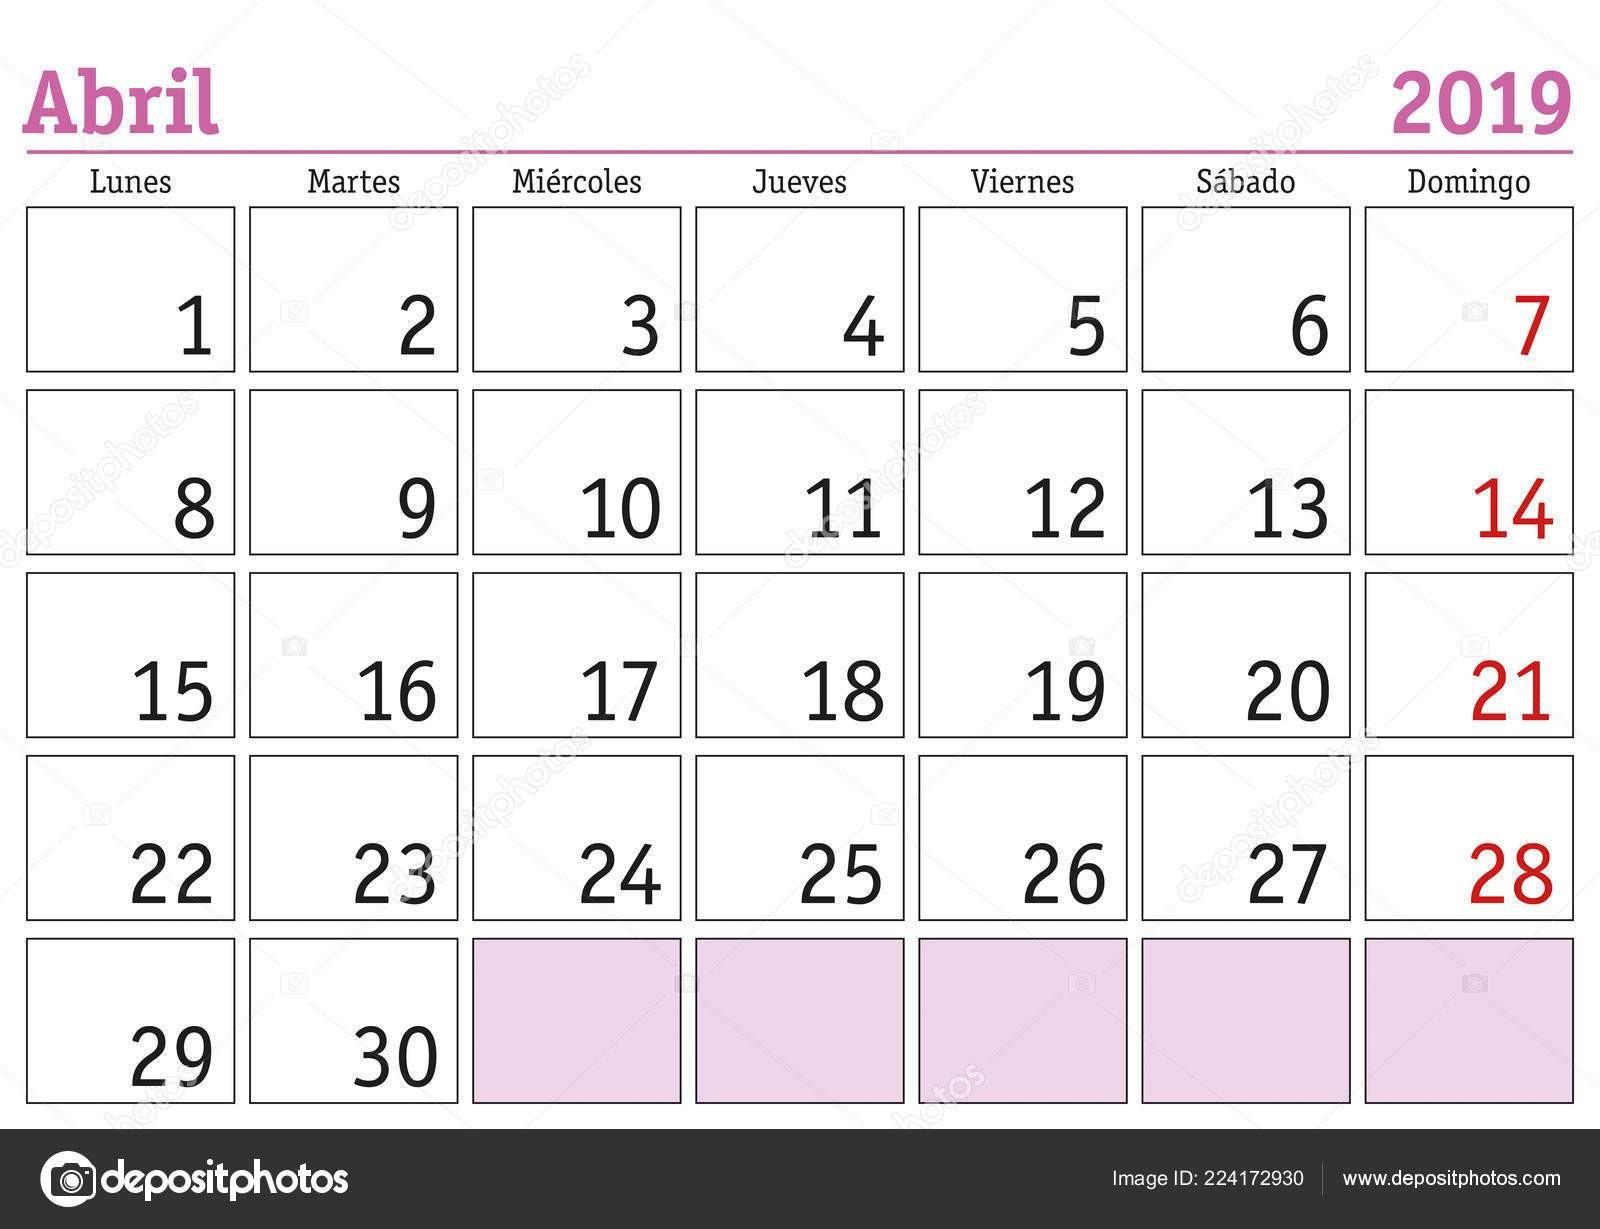 Mes Abril Calendario Pared A±o 2019 Espa±ol Abril 2019 Calendario